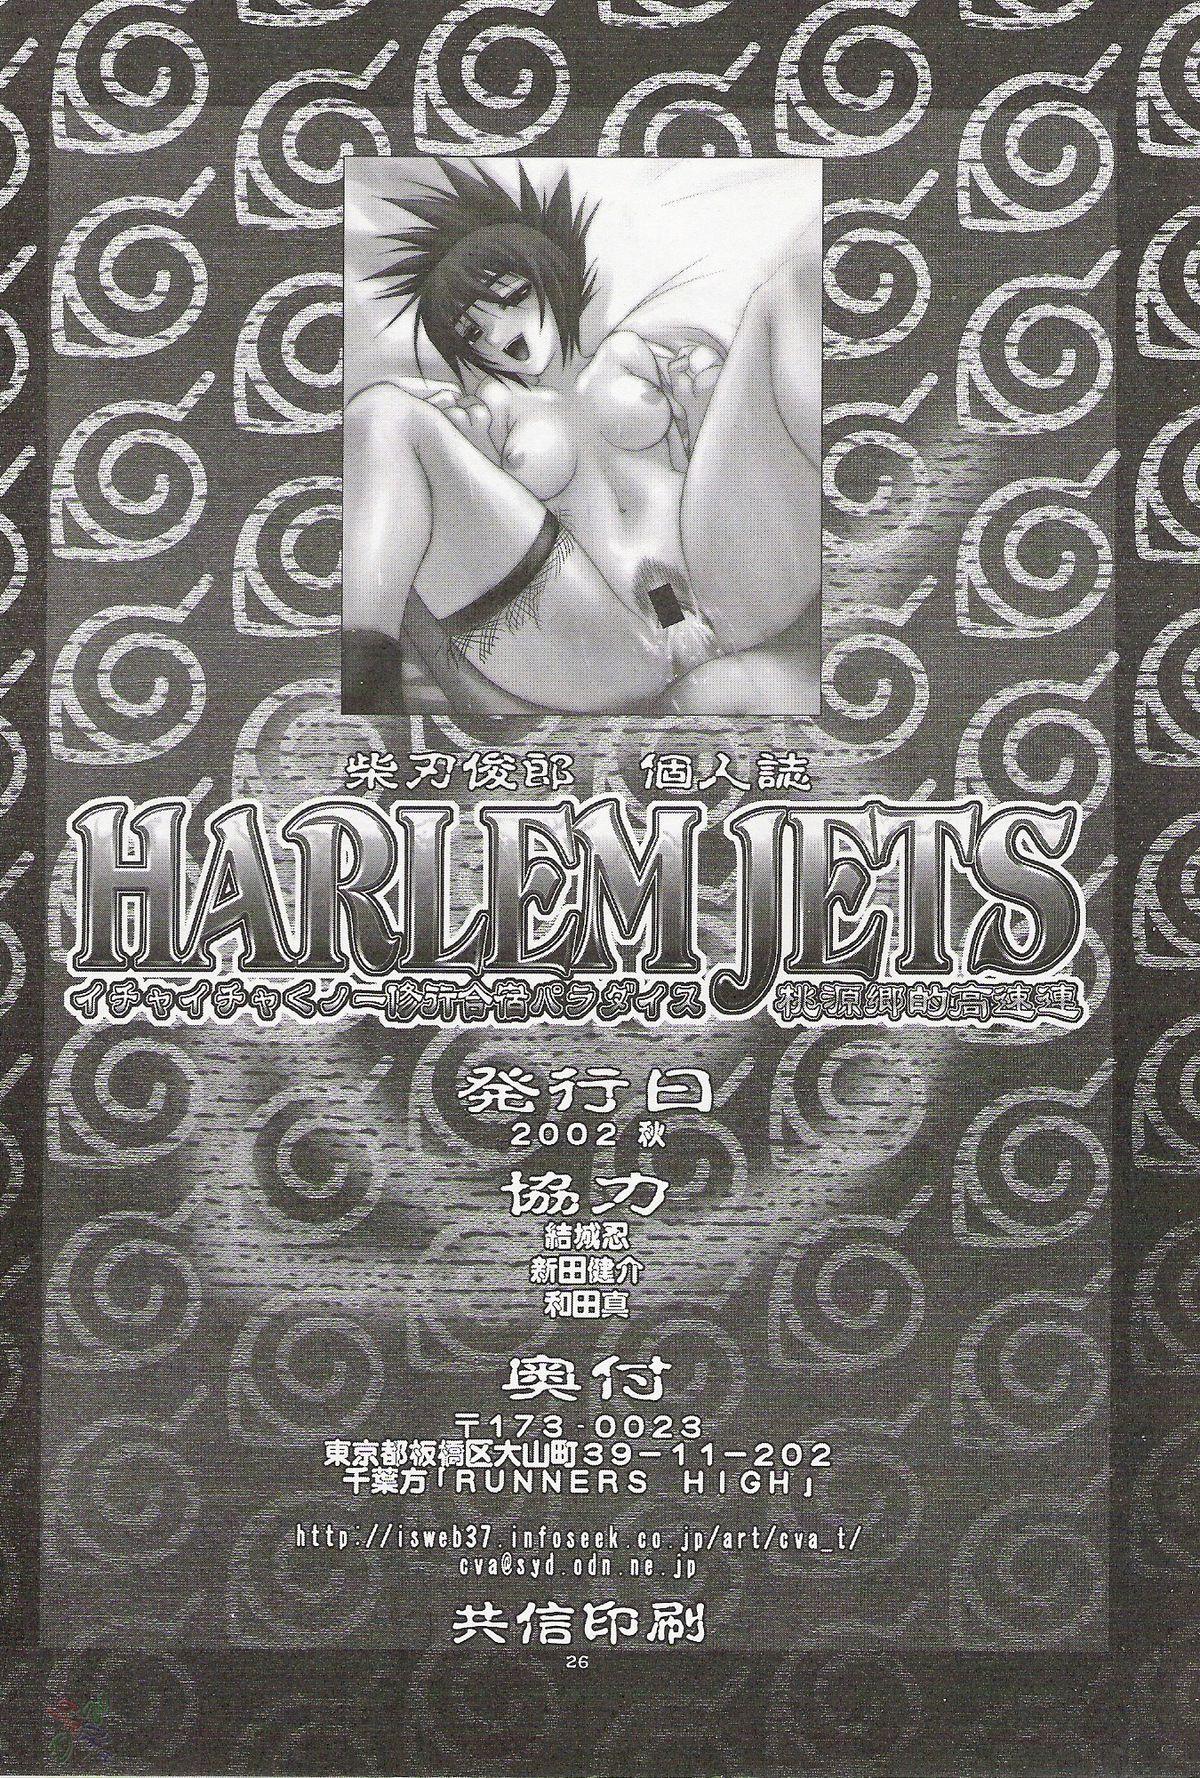 Harlem Jets 23